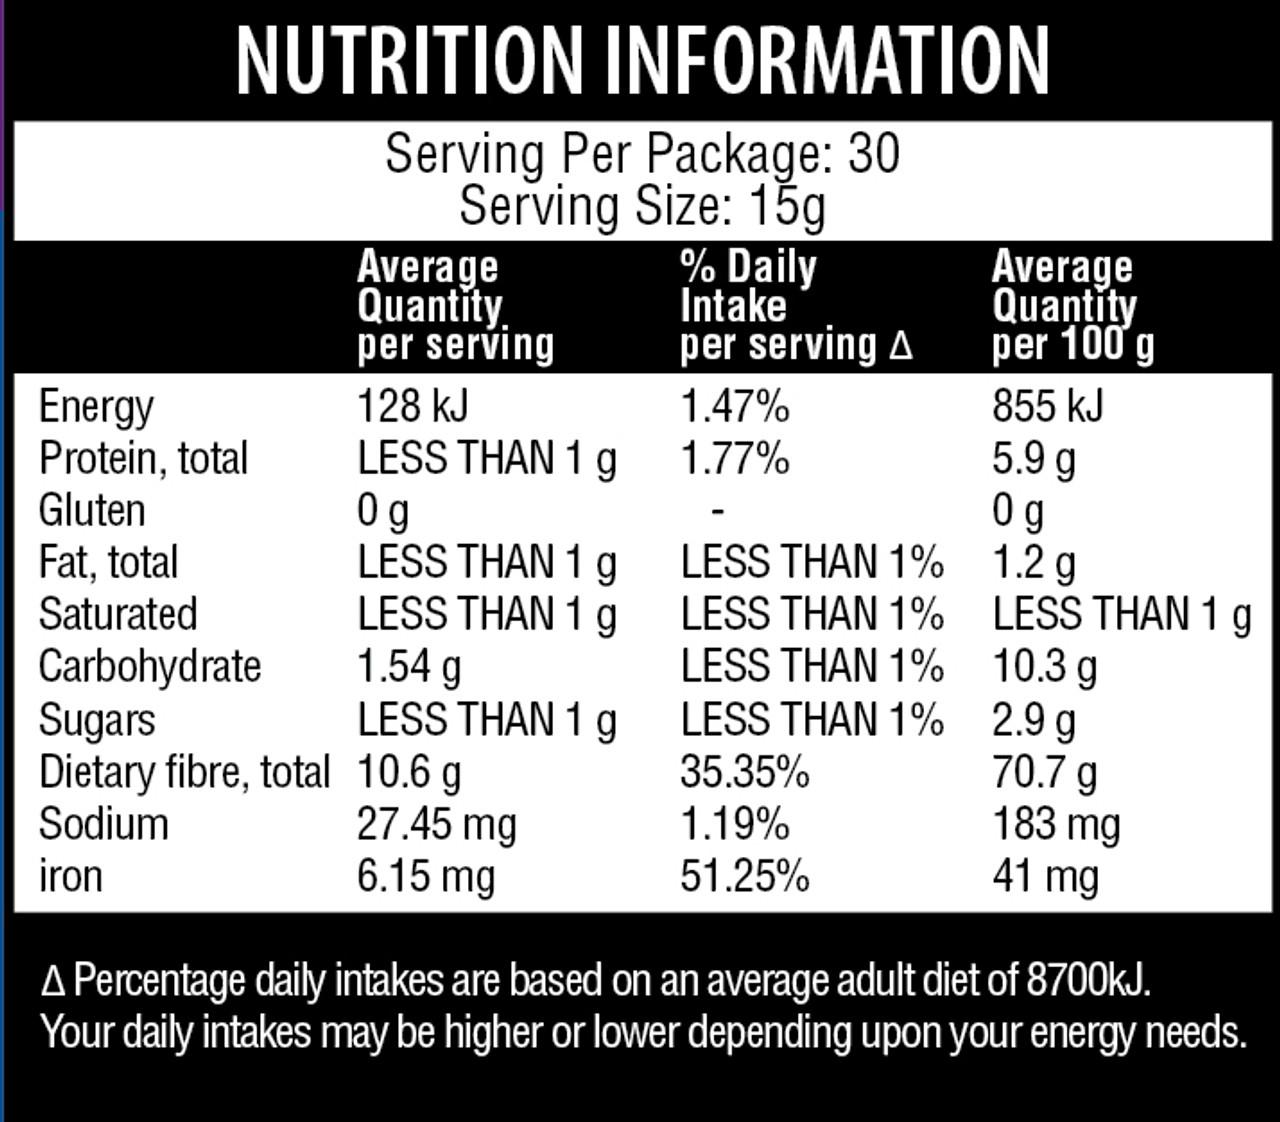 Qenda Everyday Fibre - Wildberry Formulation 450g - Nutritional Information